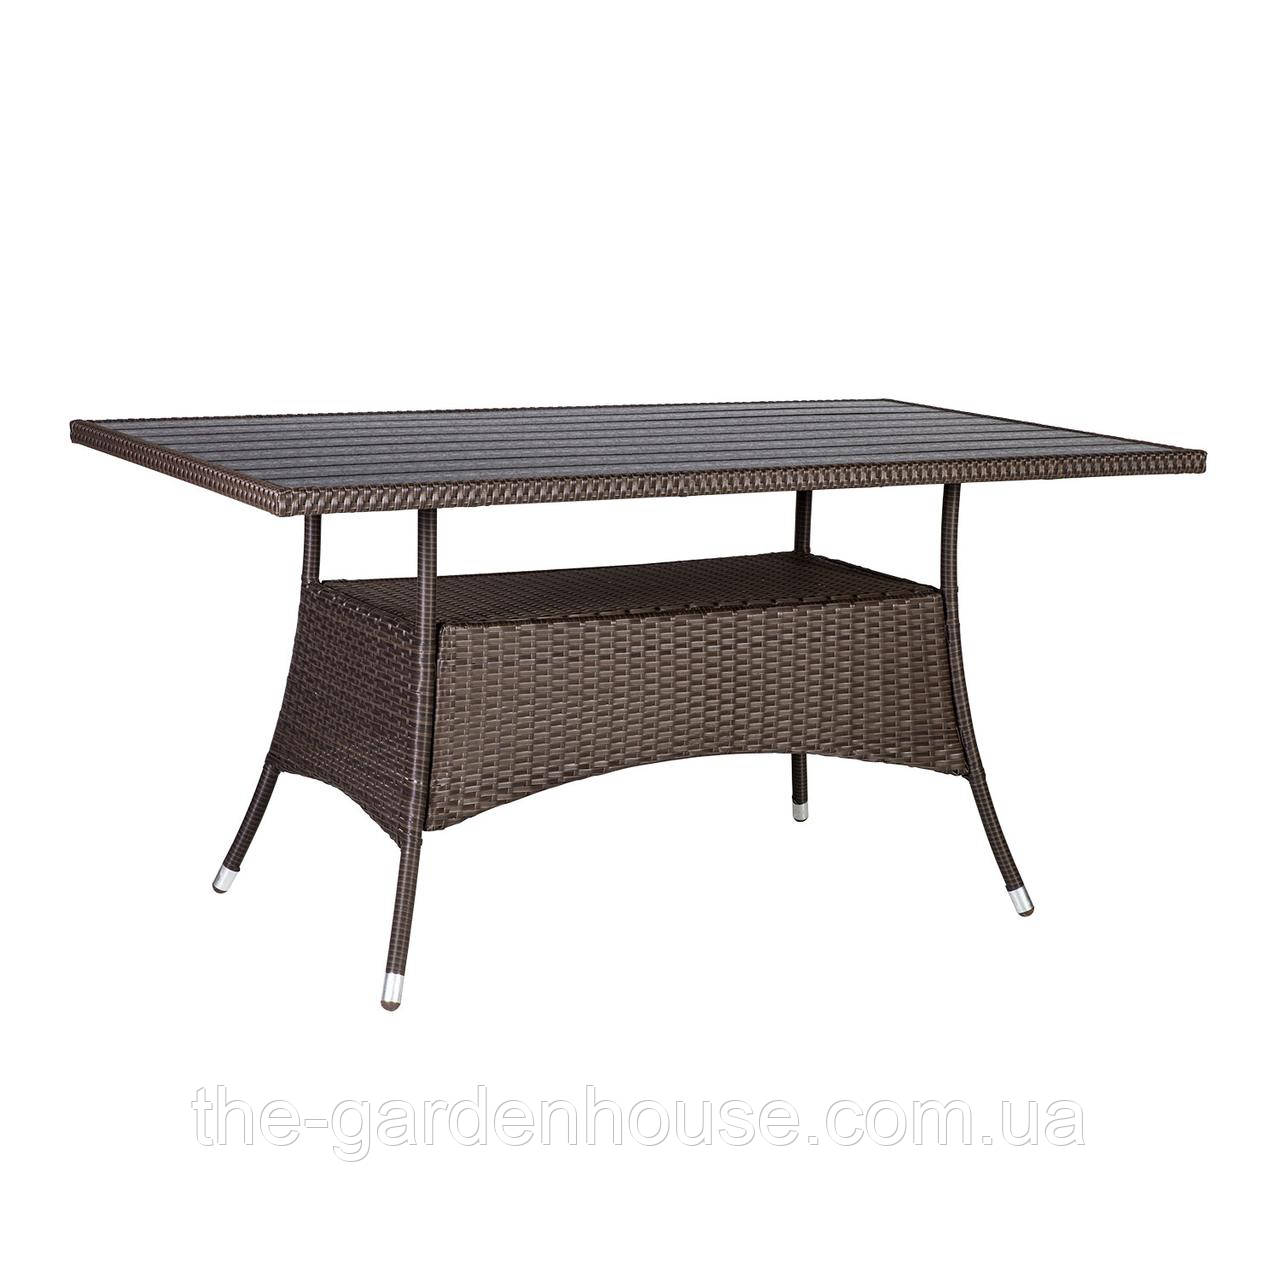 Прямоугольный  обеденный стол Savanna из искусственного ротанга 150-85 см коричневый